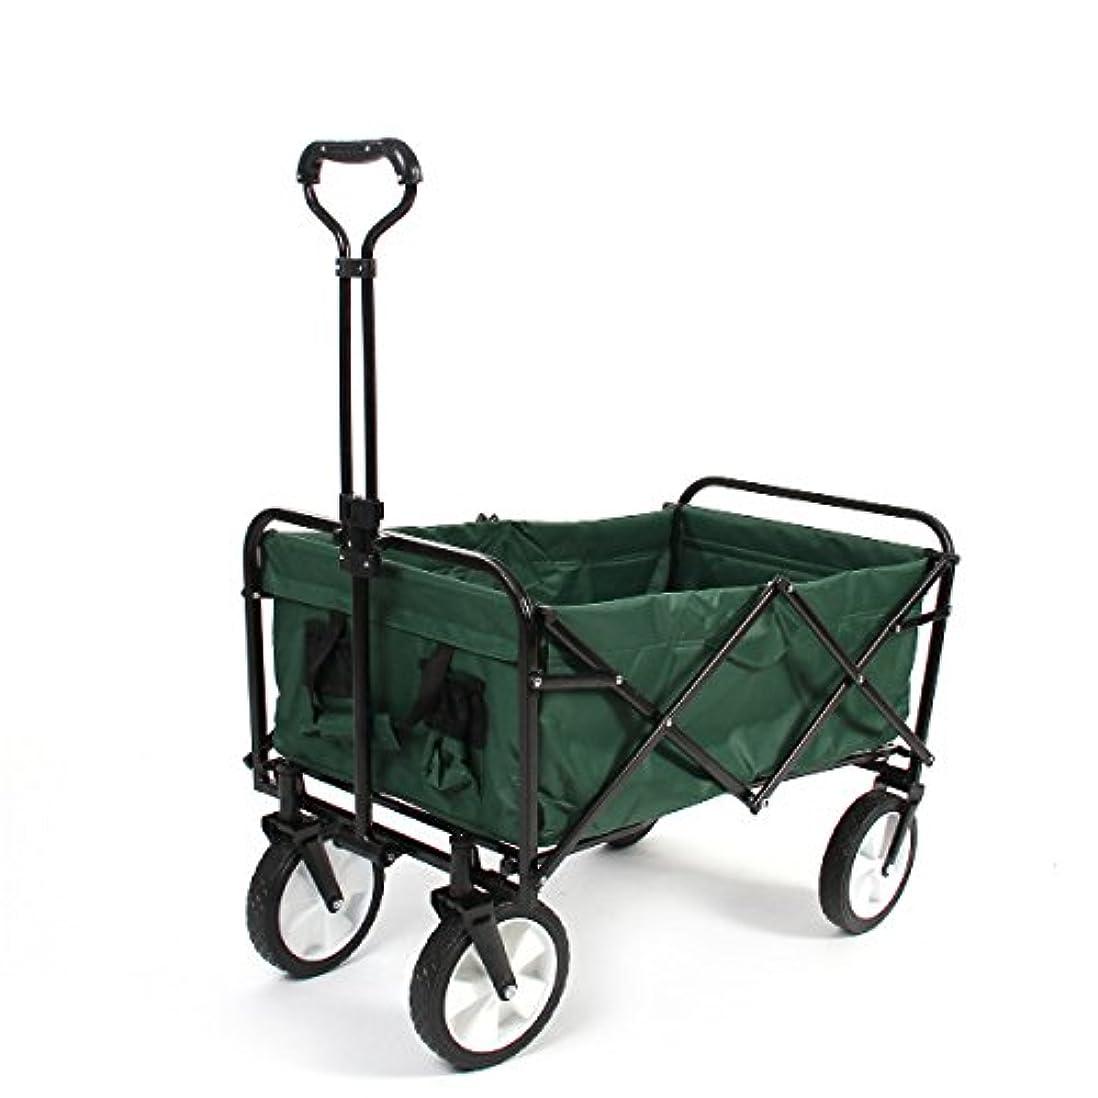 眠いです請う天キャリーワゴン キャリーカート 折りたたみ アウトドア 耐荷重80kg 軽量 頑丈 グリーン アウトドアワゴン 緑 △_83170